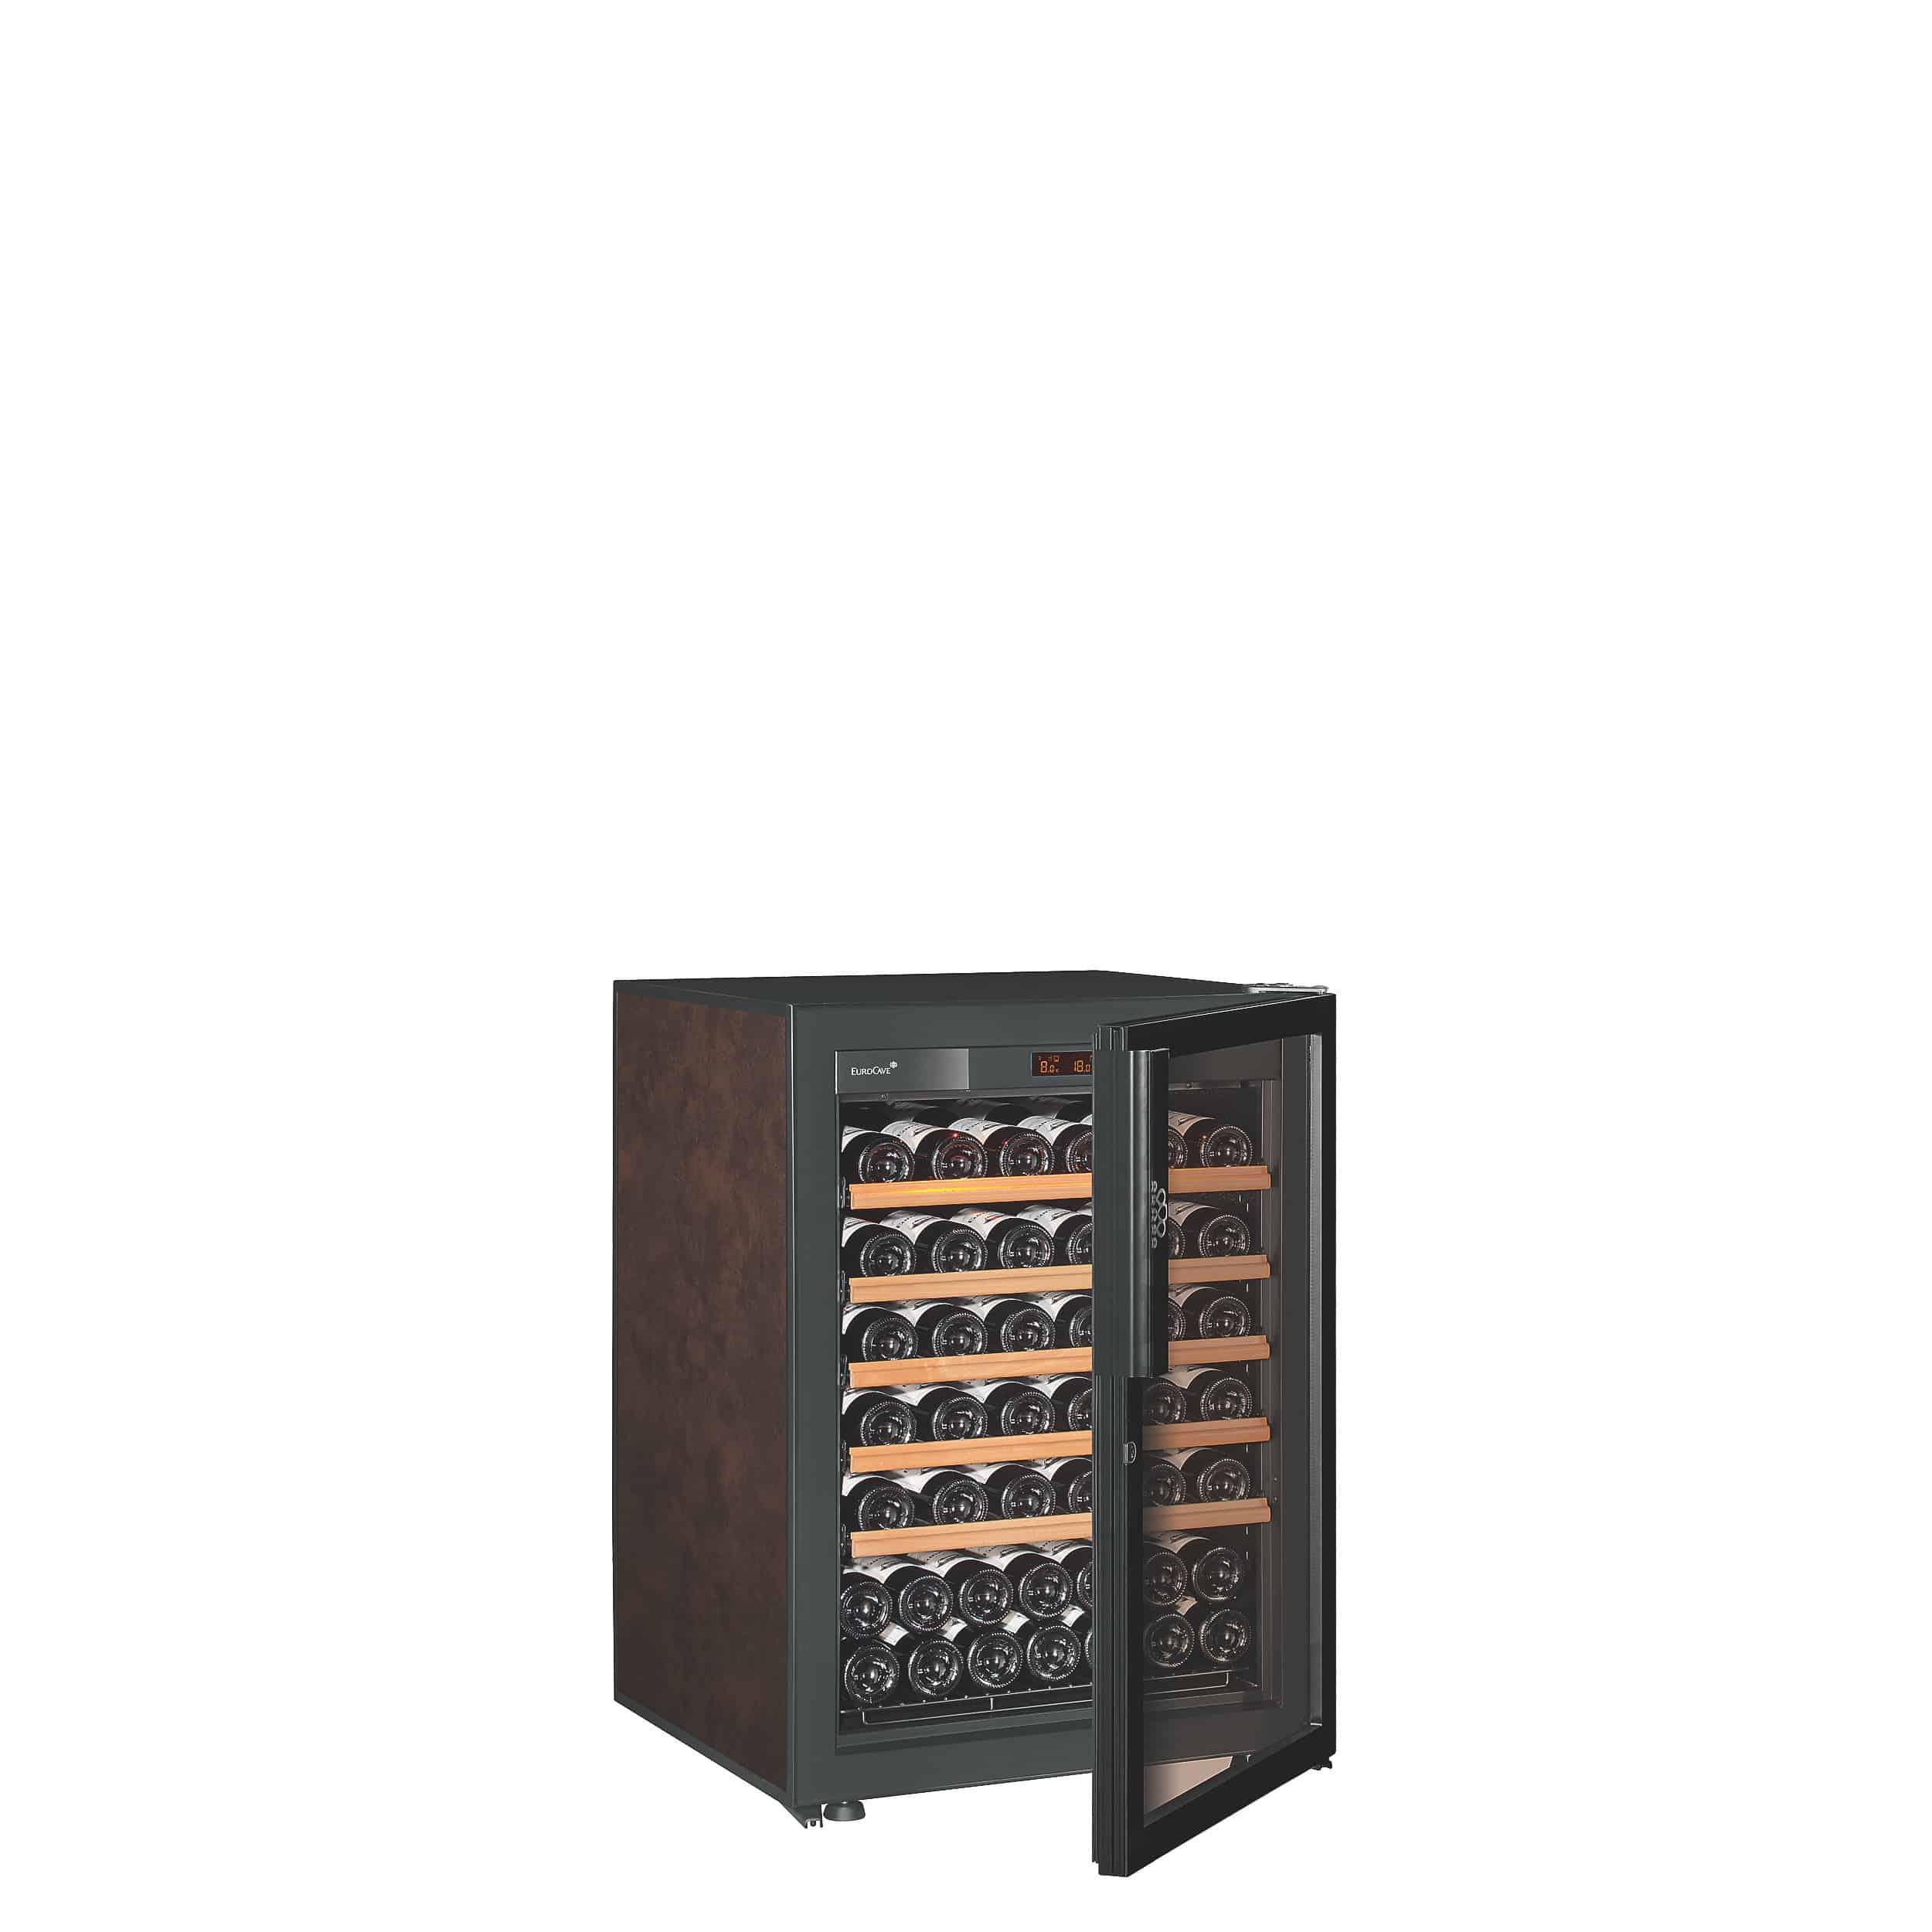 מקרר יין לאחסון מעל 90 בקבוקי יין